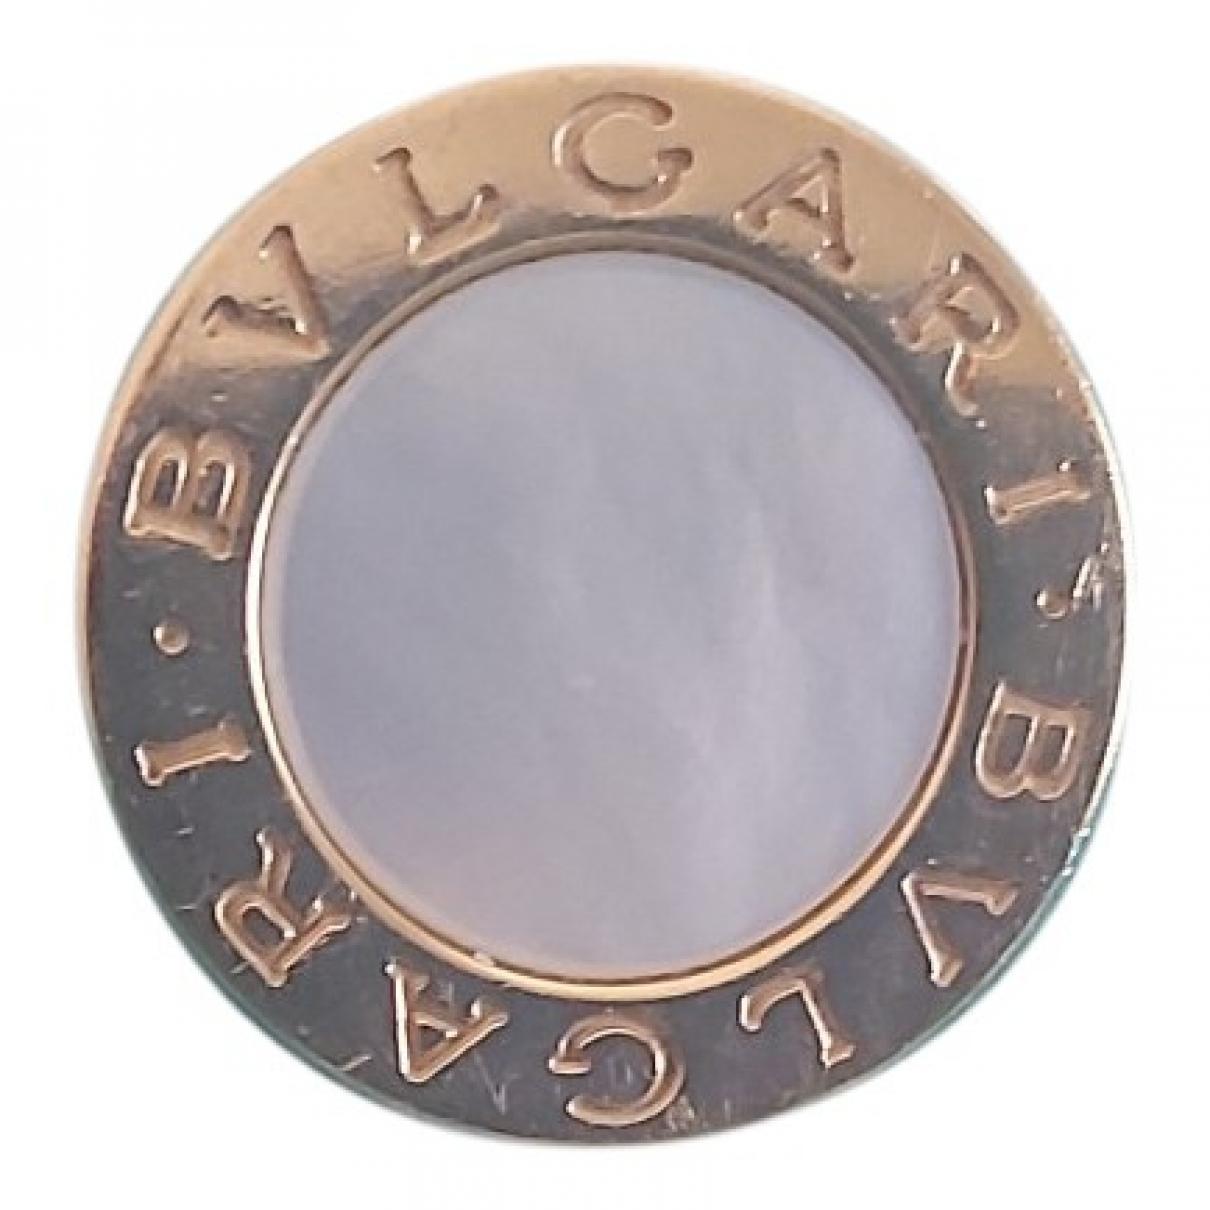 Bvlgari - Bague   pour femme en or jaune